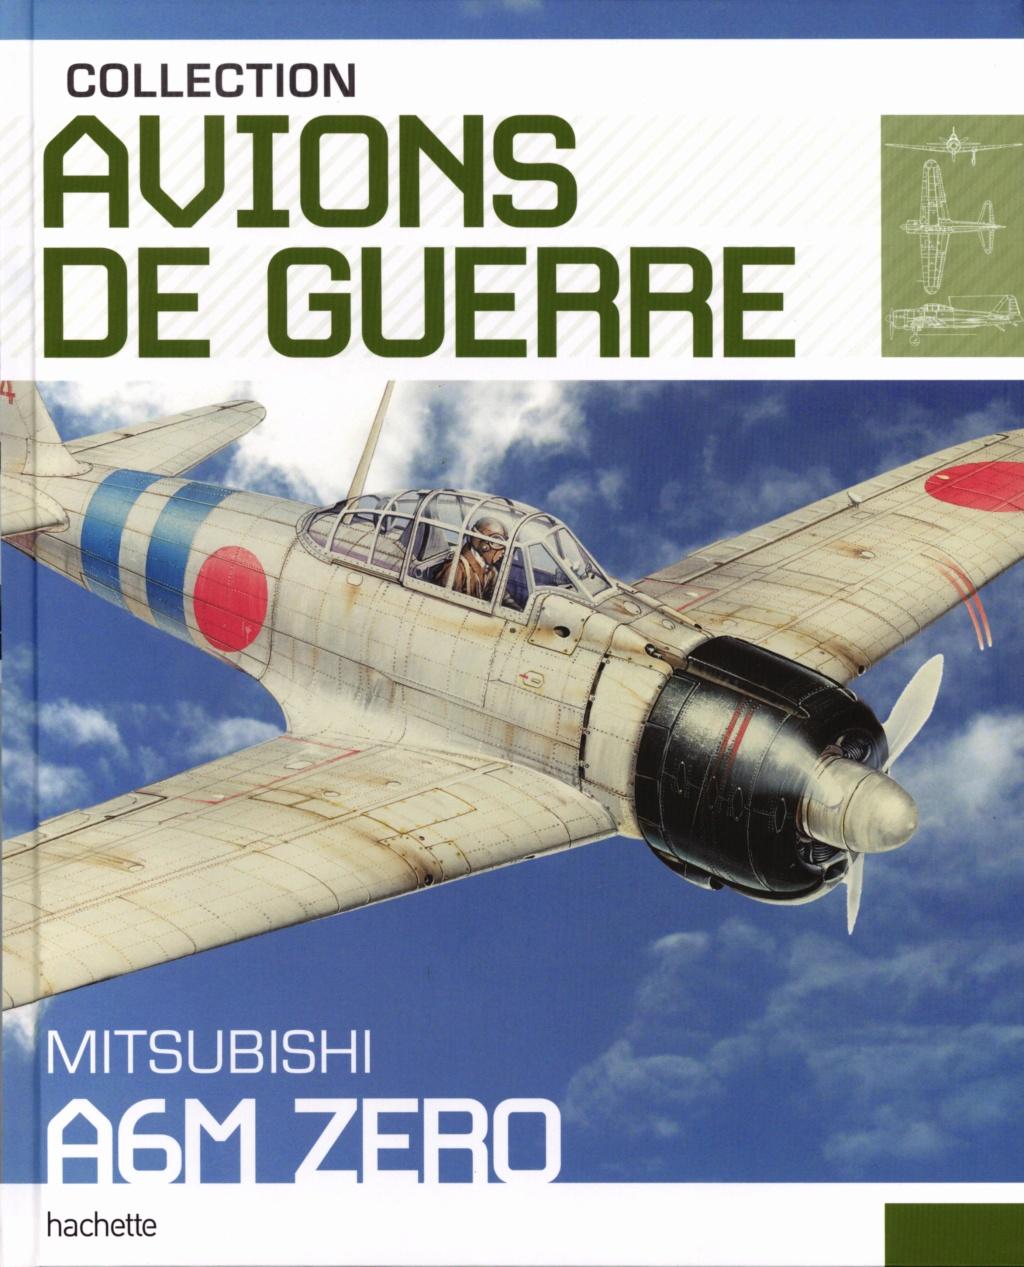 Nouvelle collection en kiosques: Avions de guerre - Page 3 M4263-46